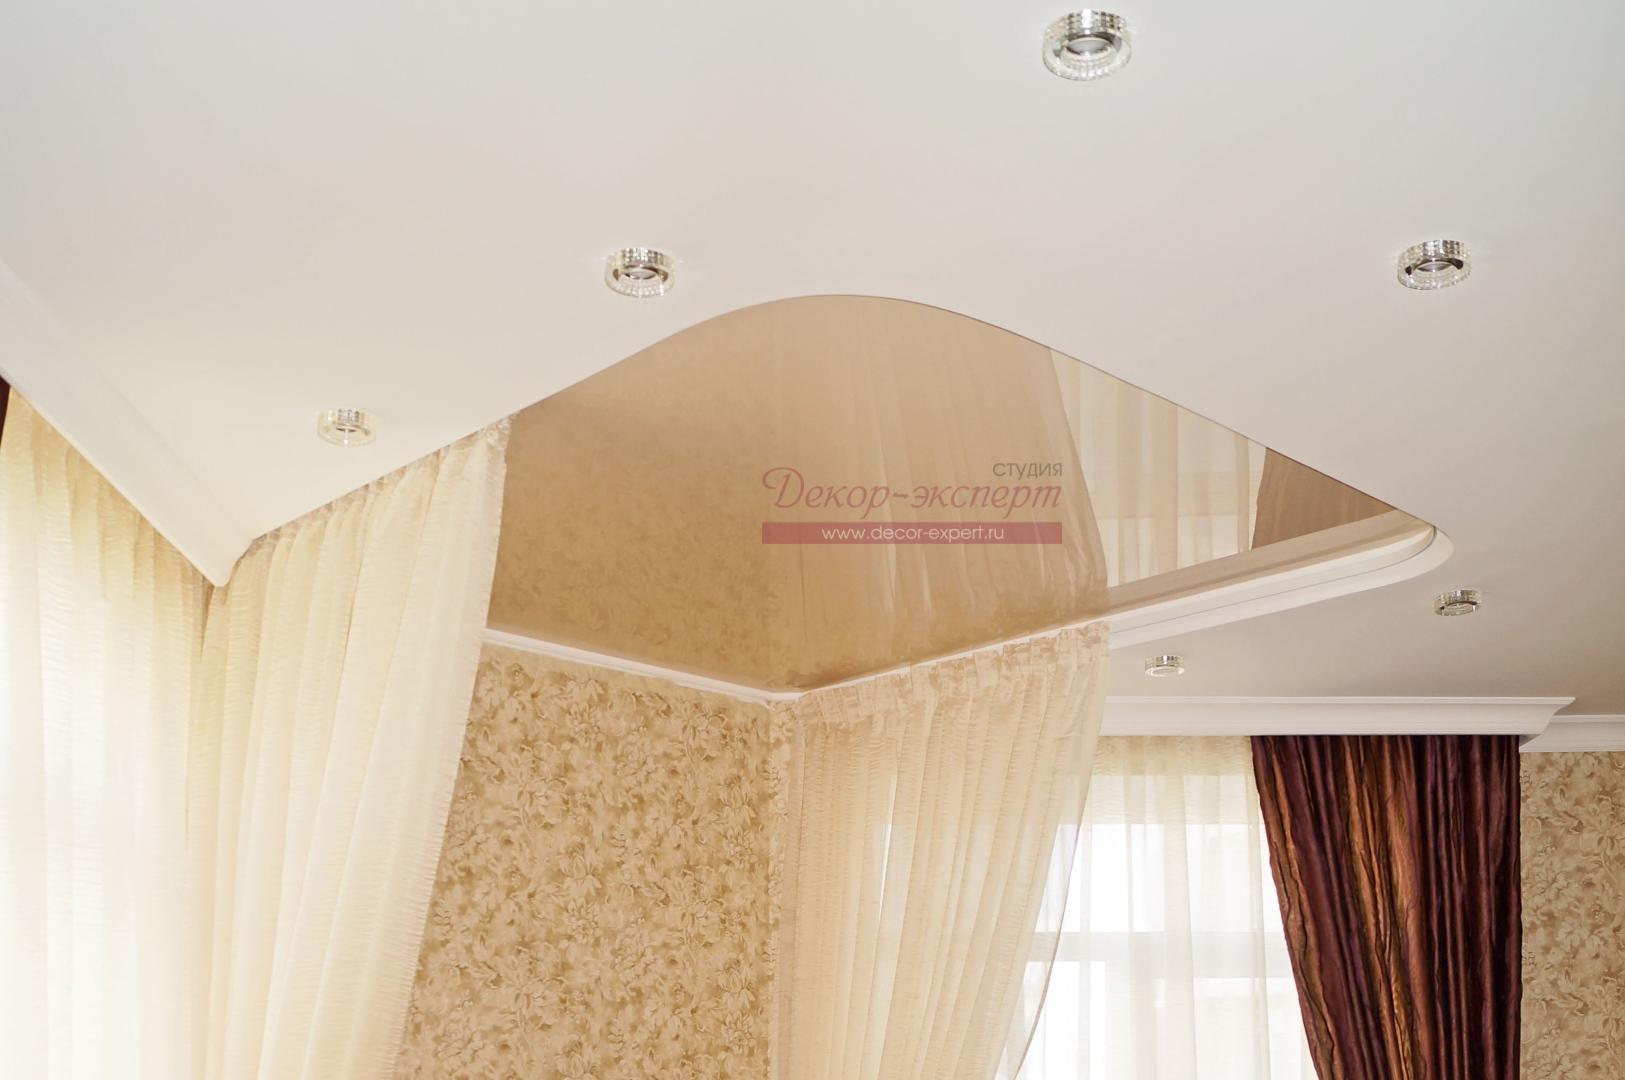 фрагмент потолка с нишей для балдахина